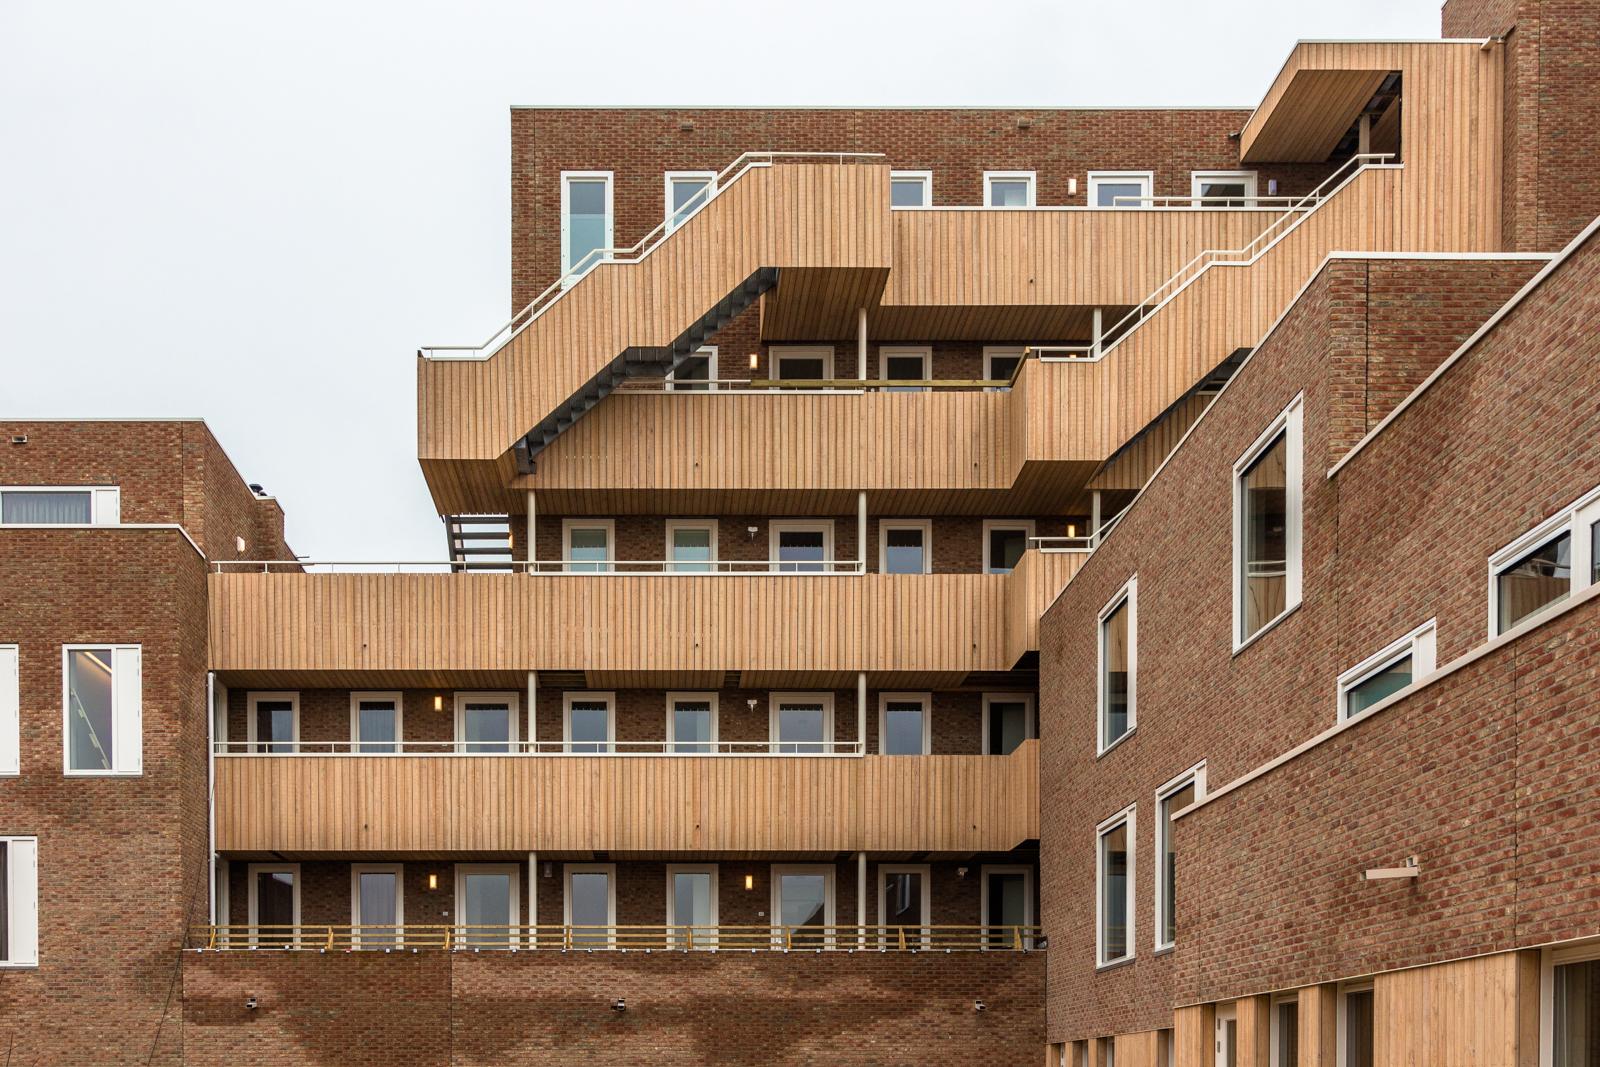 Lunettenhof_Groningen-6666